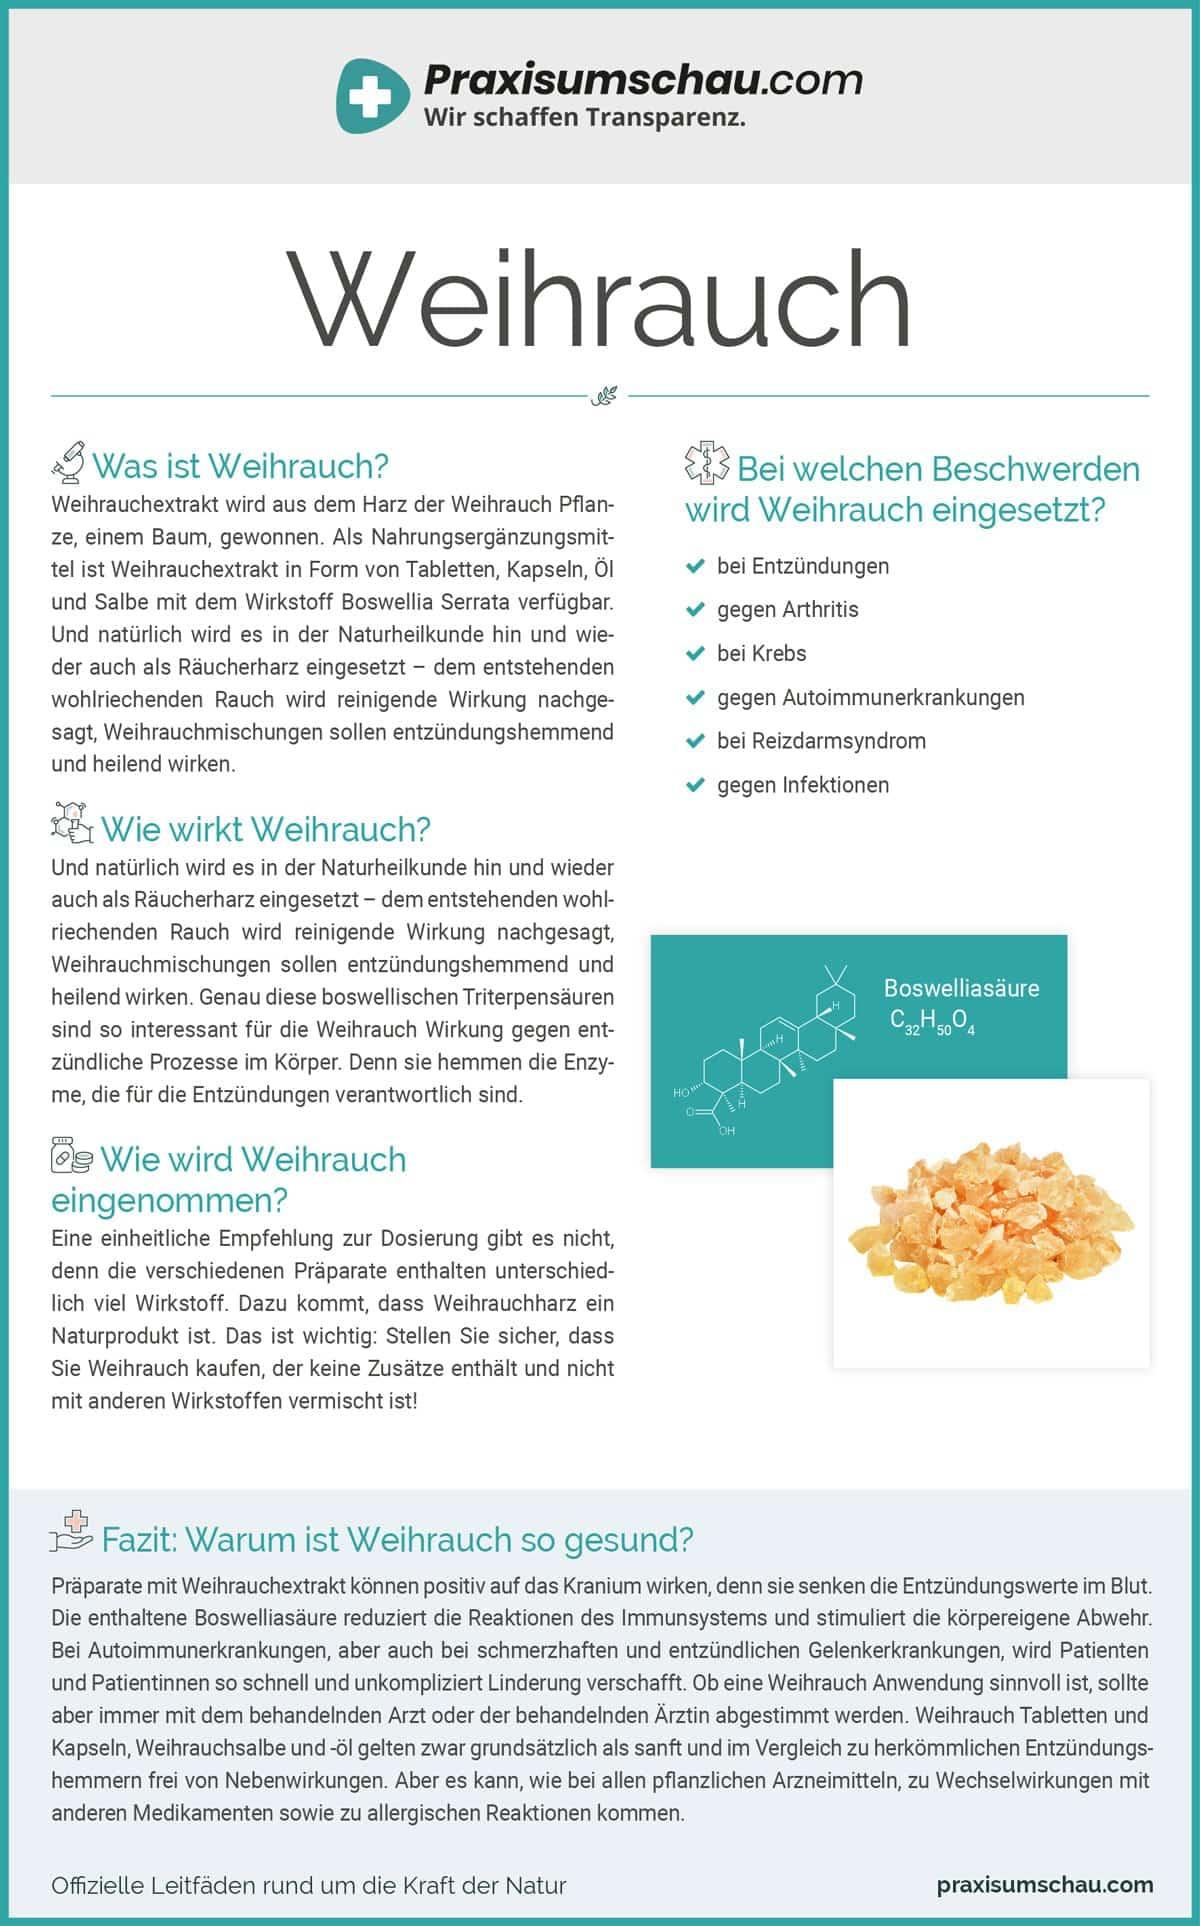 Weihrauch infografik pu